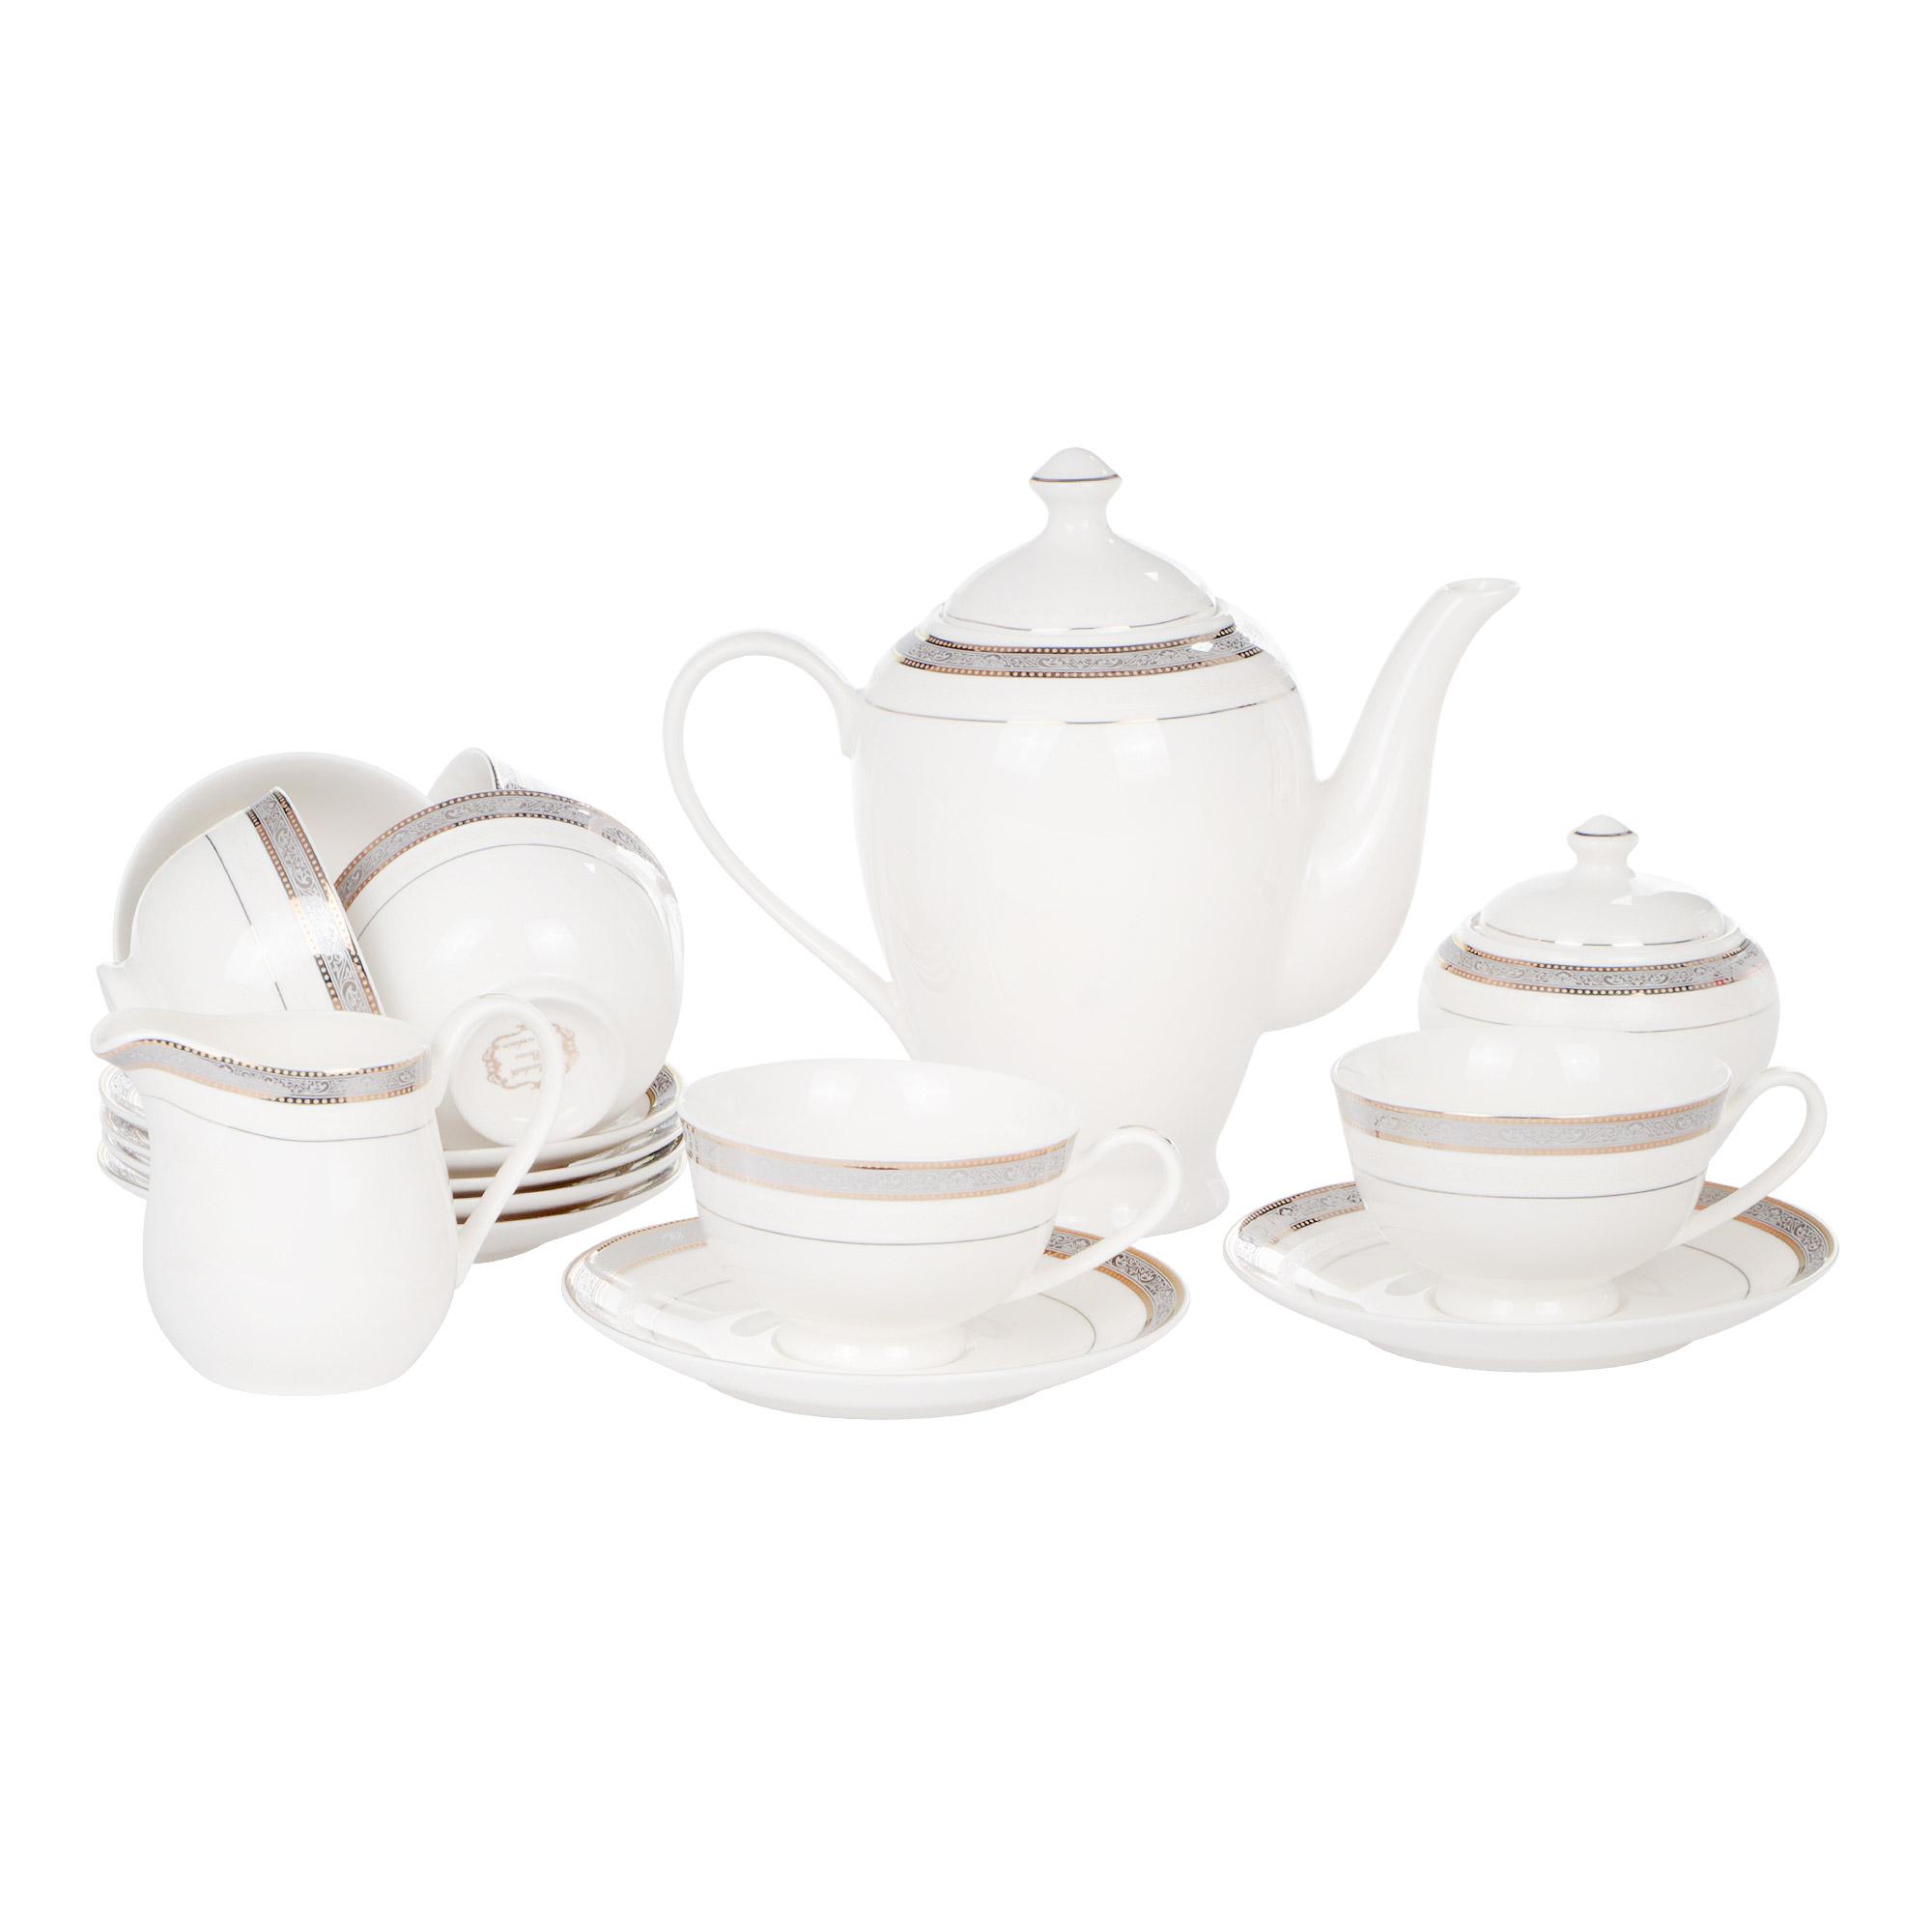 Сервиз чайный Macbeth bone porcelain Daisy 15 предметов